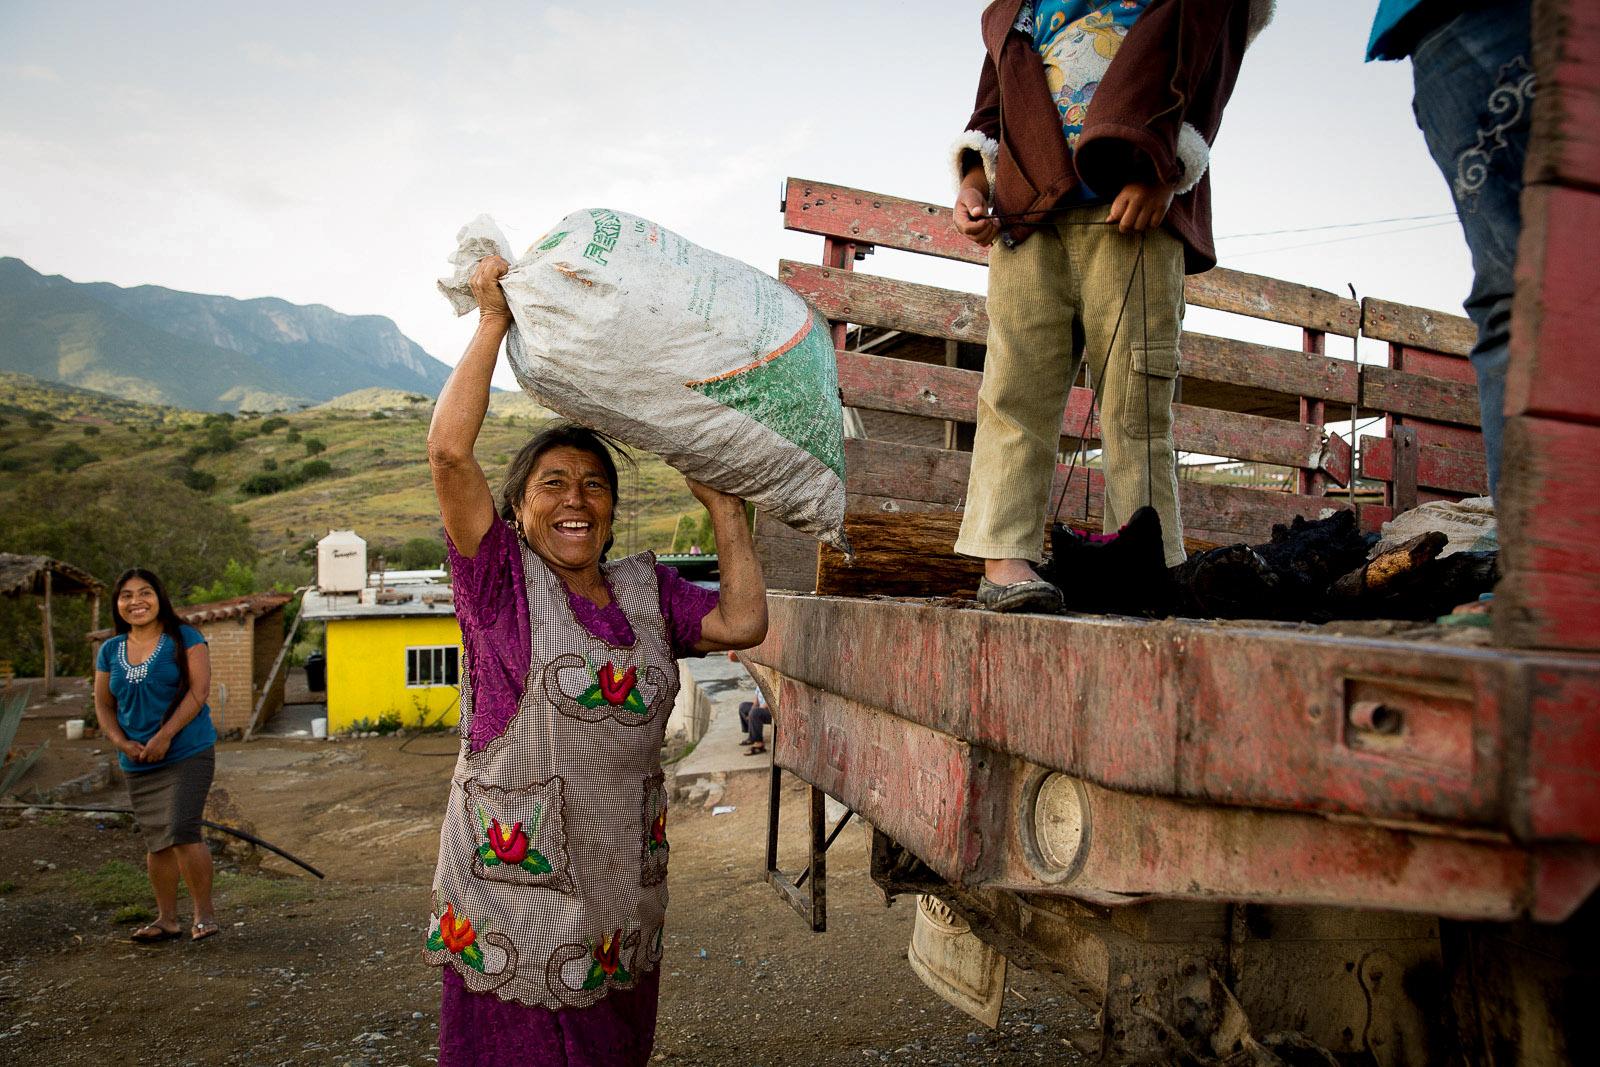 Doña Christina Hernández, San Baltazar, Oaxaca, Mexico